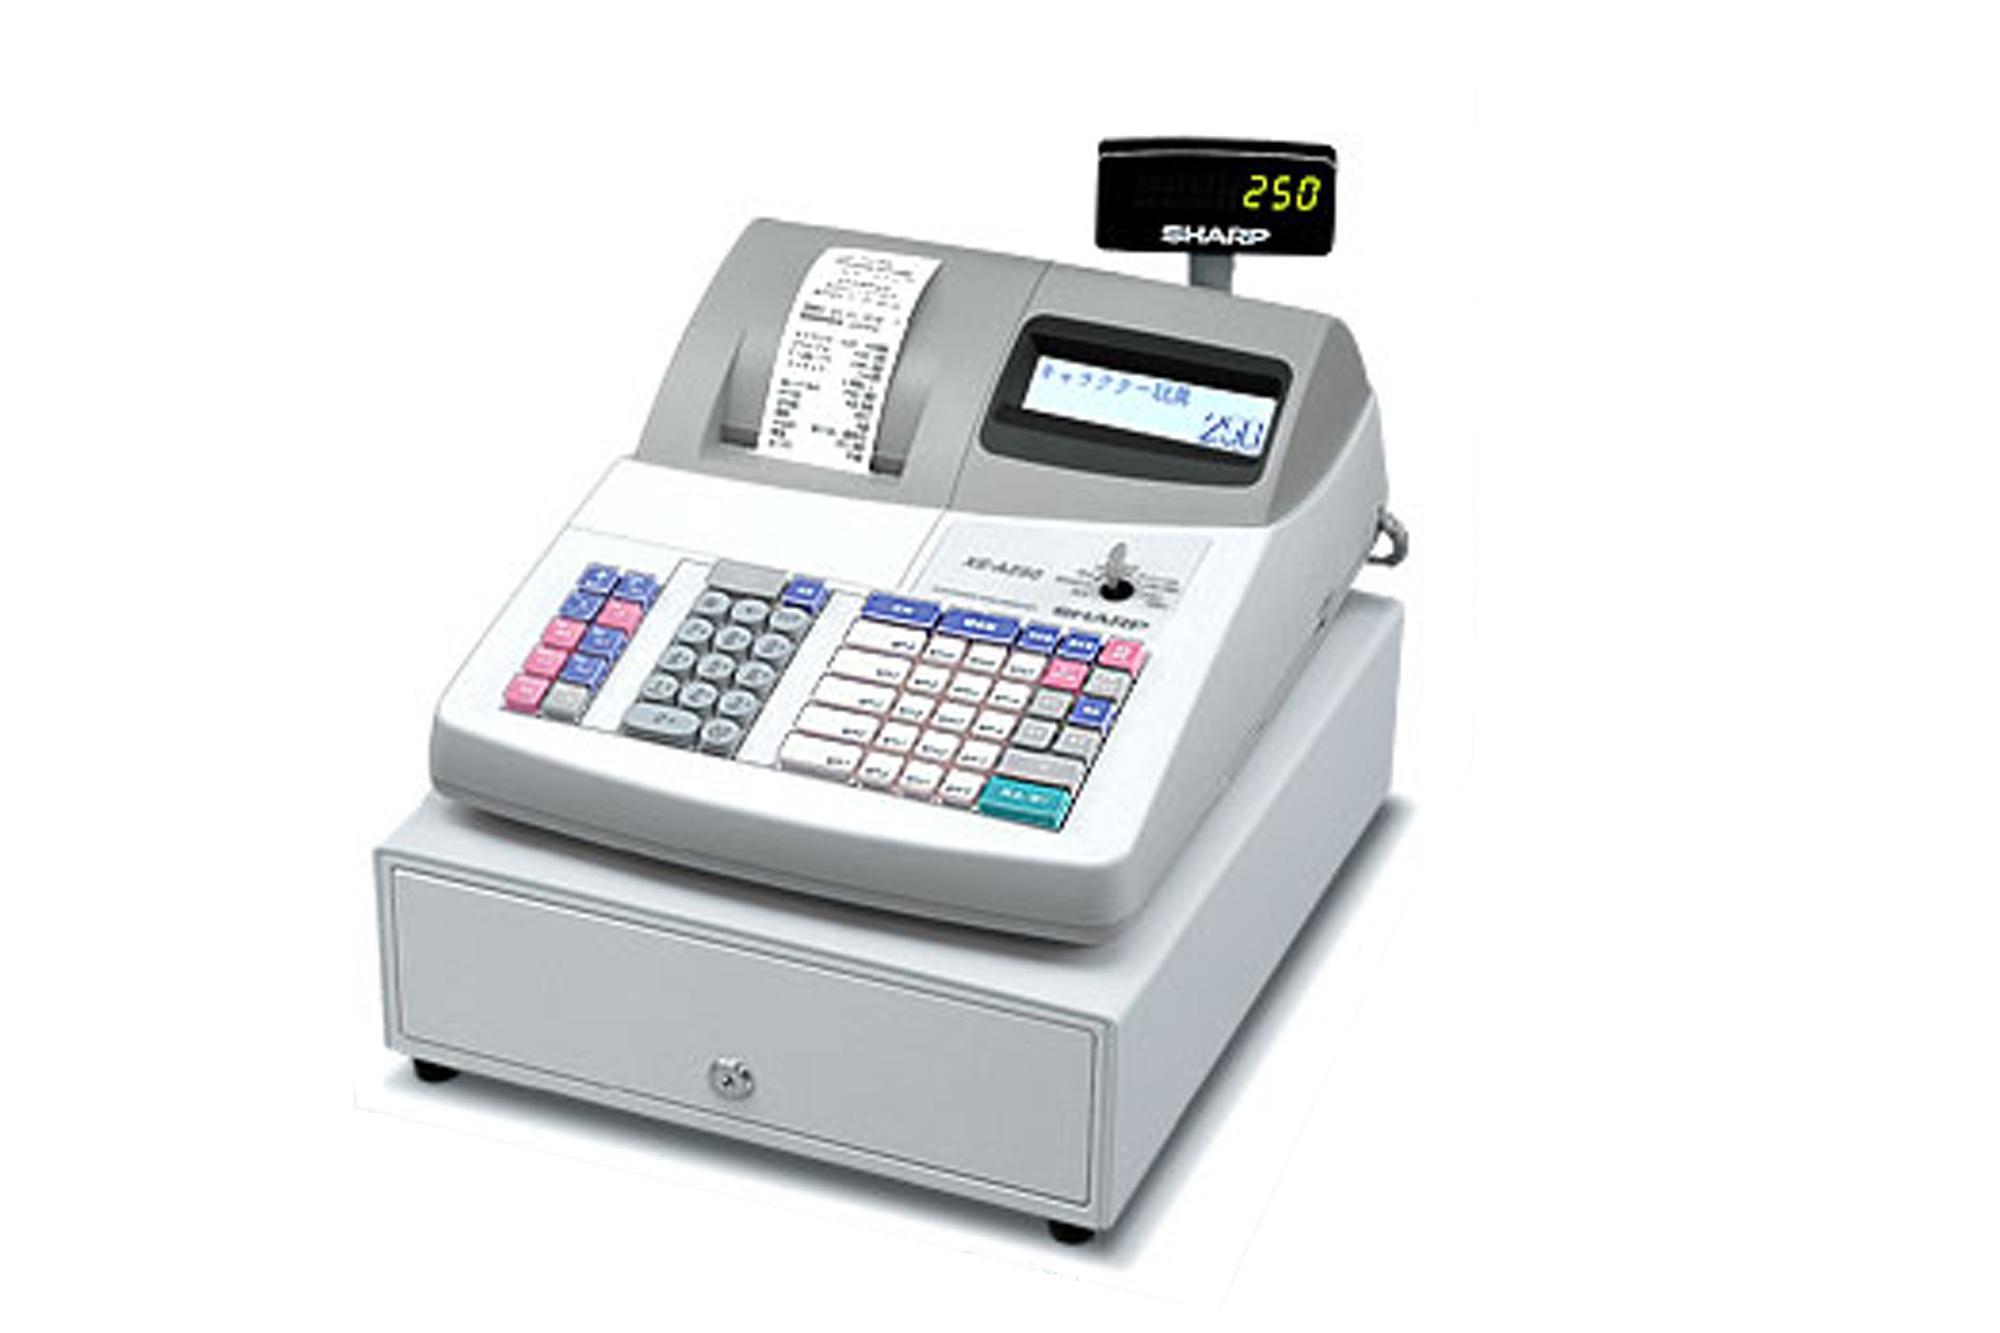 XE-A250 簡易レジスターのレンタル